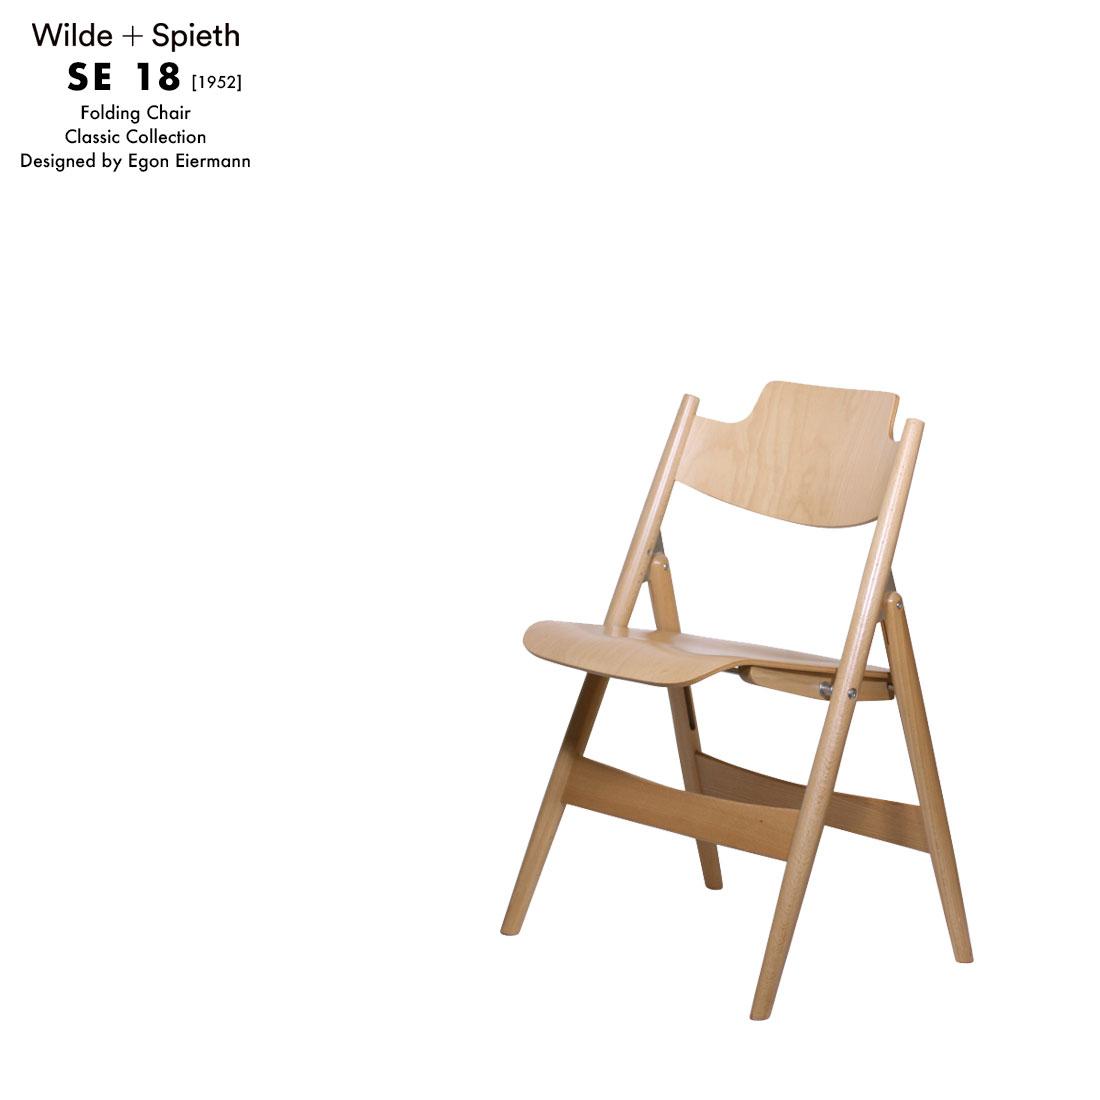 【WILDE+SPIETH/ワイルドアンドスピース】 SE18フォールディングチェアエゴン・アイアーマン/ドイツ/プライウッド/折りたたみ/チェア/椅子